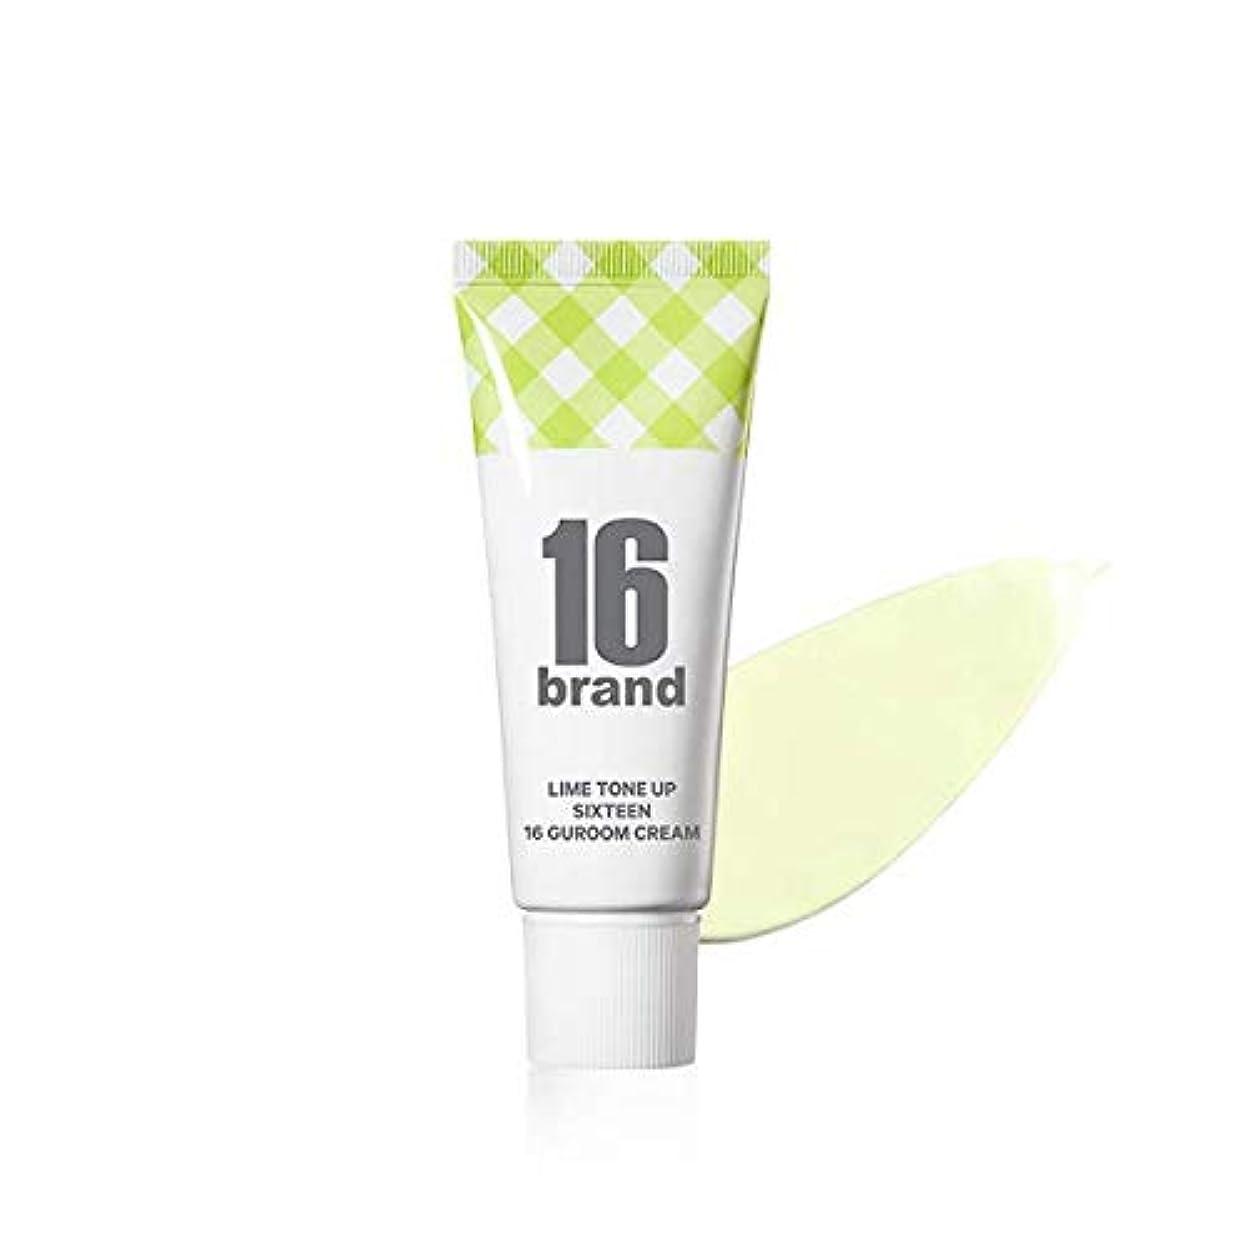 キルスベル異議16 Brand Sixteen Guroom Lime Tone Up Cream * 30ml (tube type) / 16ブランド シックスティーン クルム ライムクリーム SPF30 PA++ [並行輸入品]